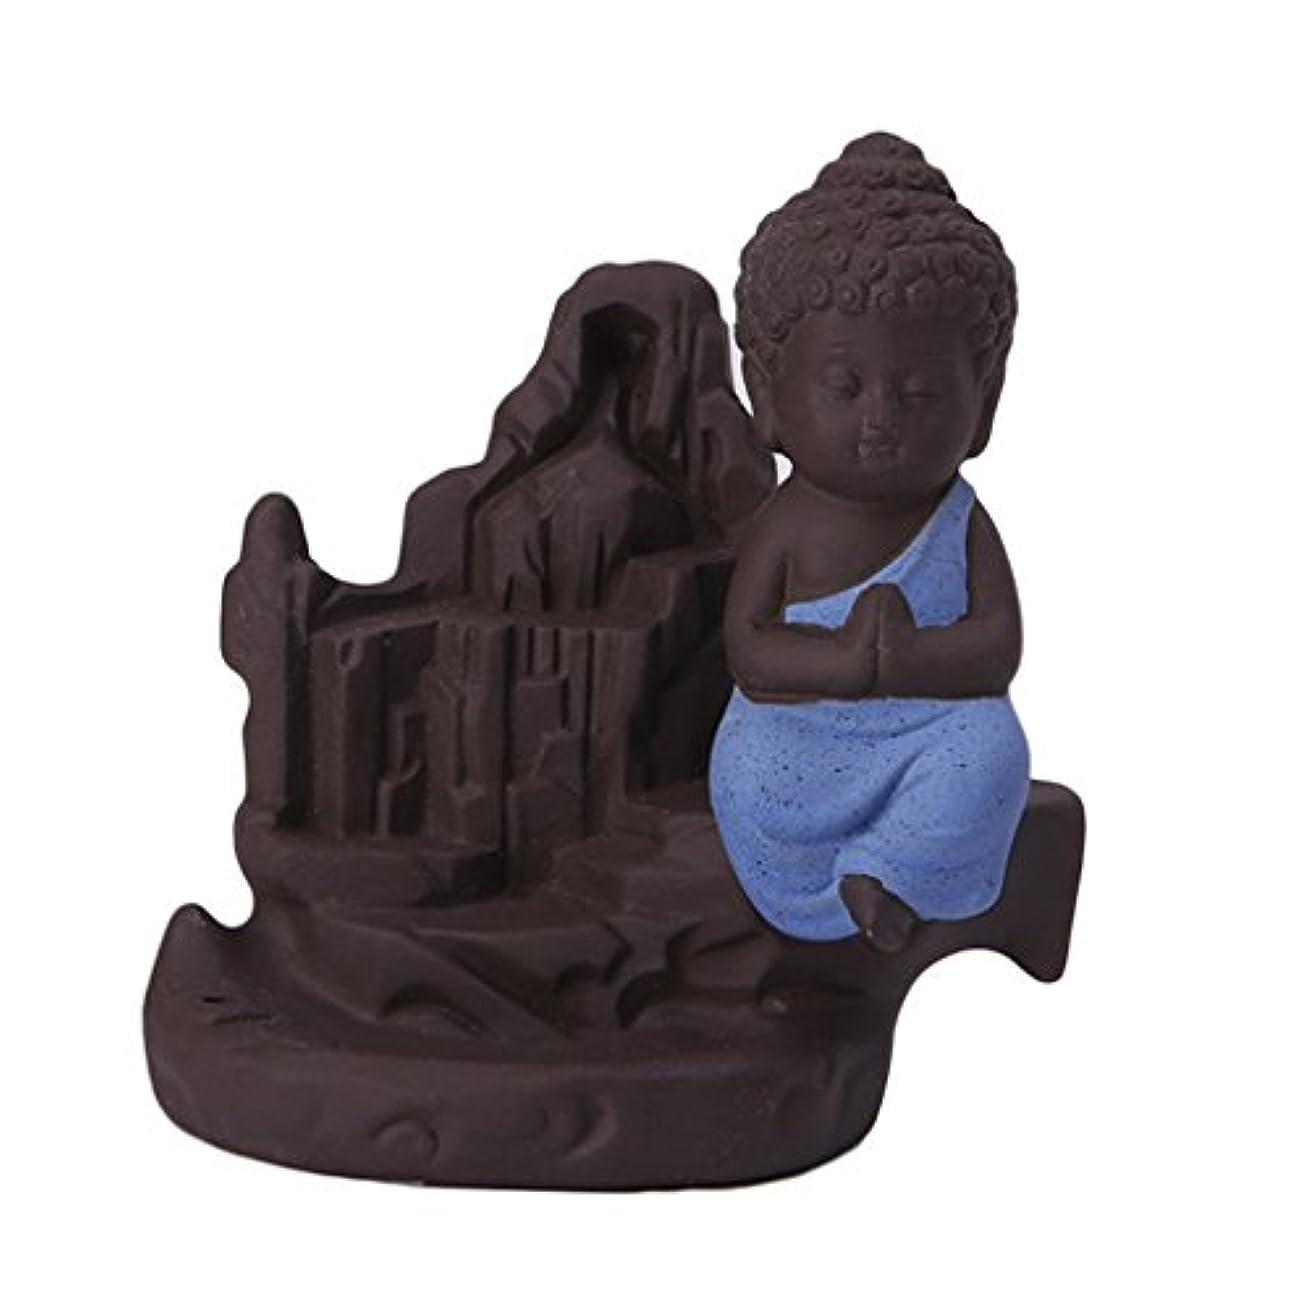 ランタンラオス人制限されたセラミック 仏 逆流コーン 香炉ホルダー 香バーナー 装飾的 3色選べる - ブルー